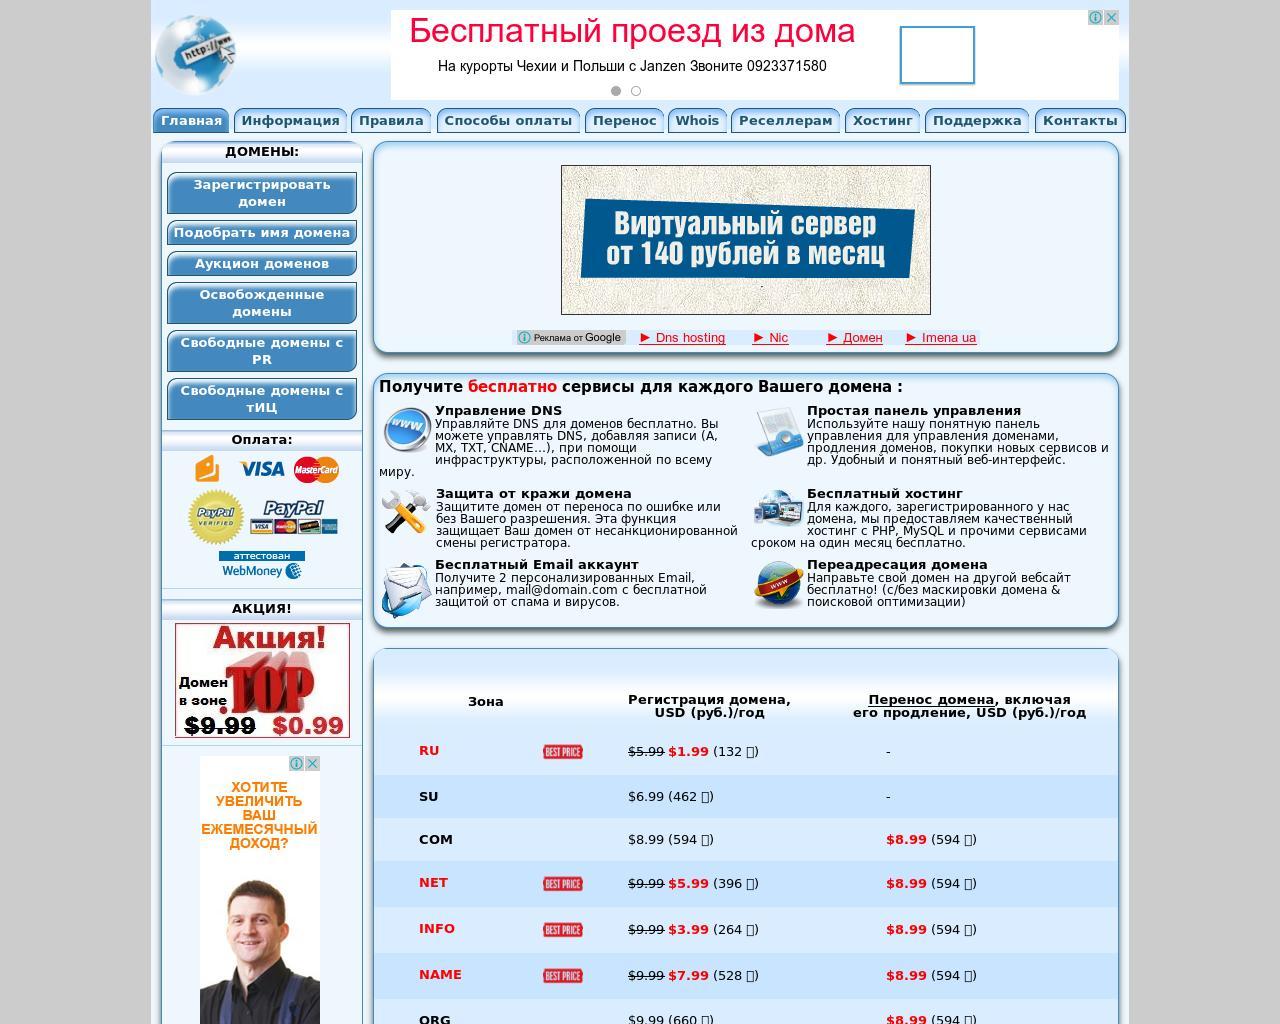 Репетитор (преподаватель) cоздания wap-сайтов, wml, создания сайтов для мобильных устройств в москве и онлайн по